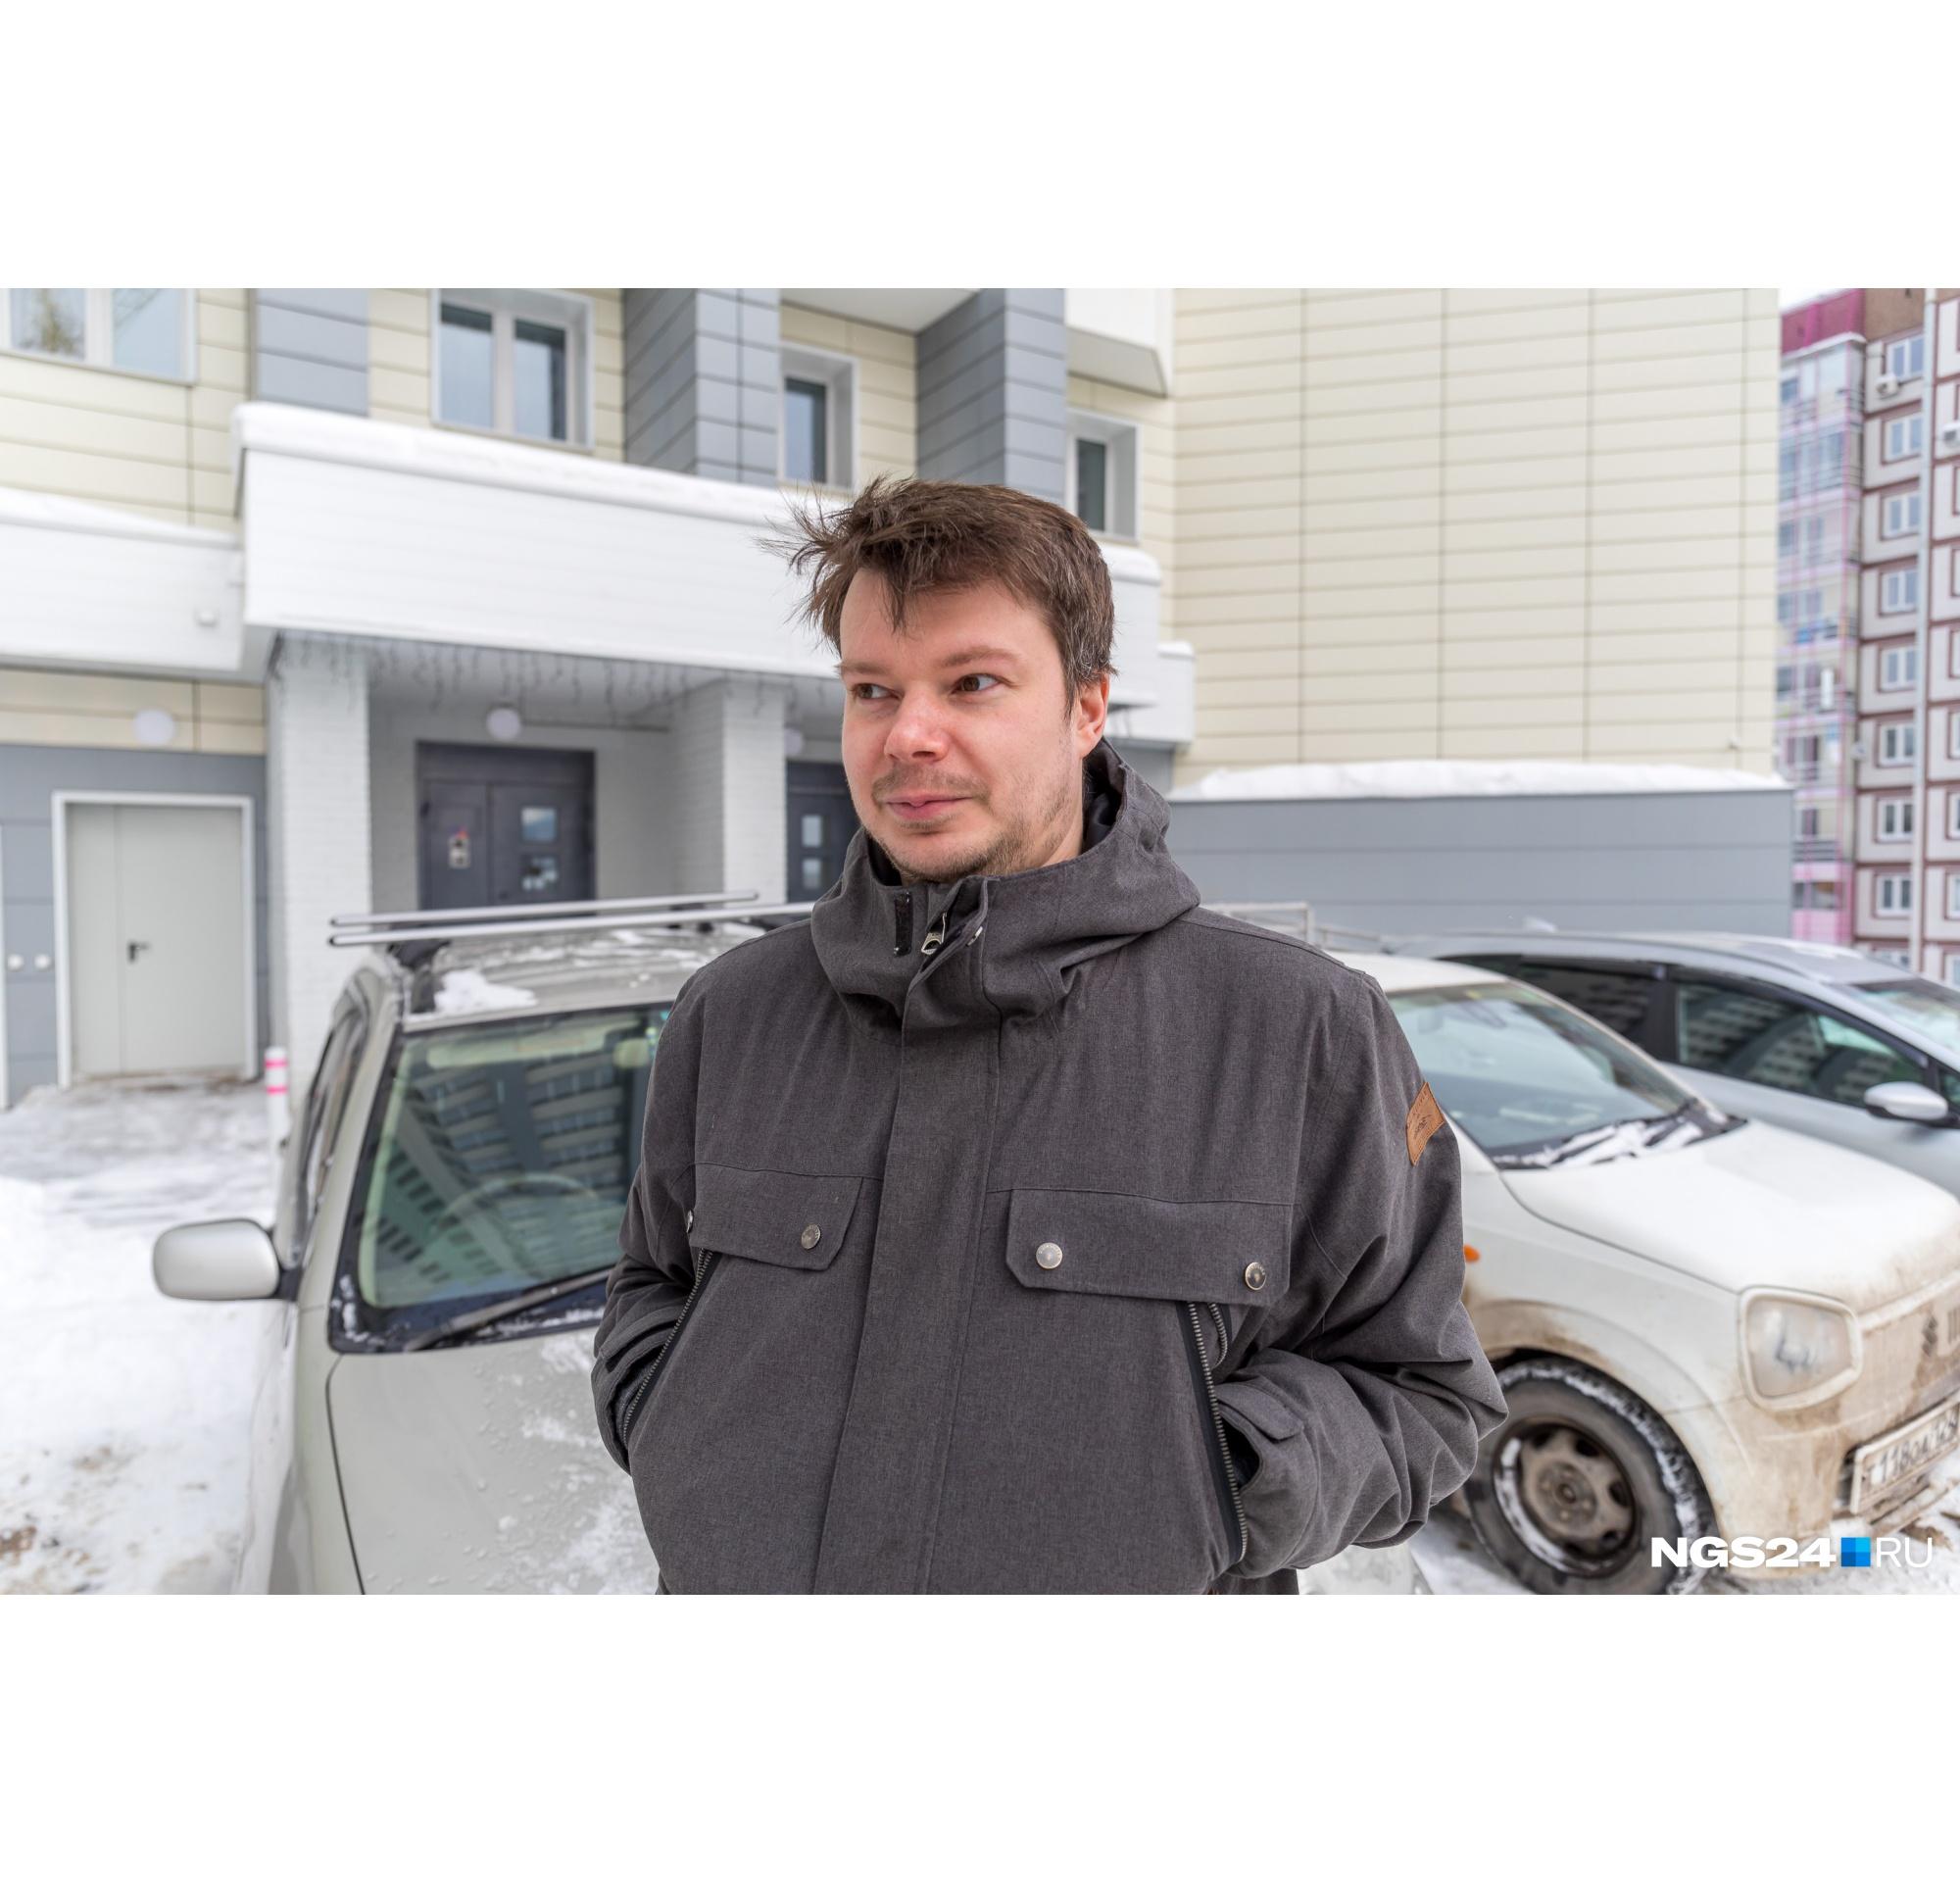 Геннадий — единственный из всех опрошенных жильцов, кто согласился показать лицо на камеру